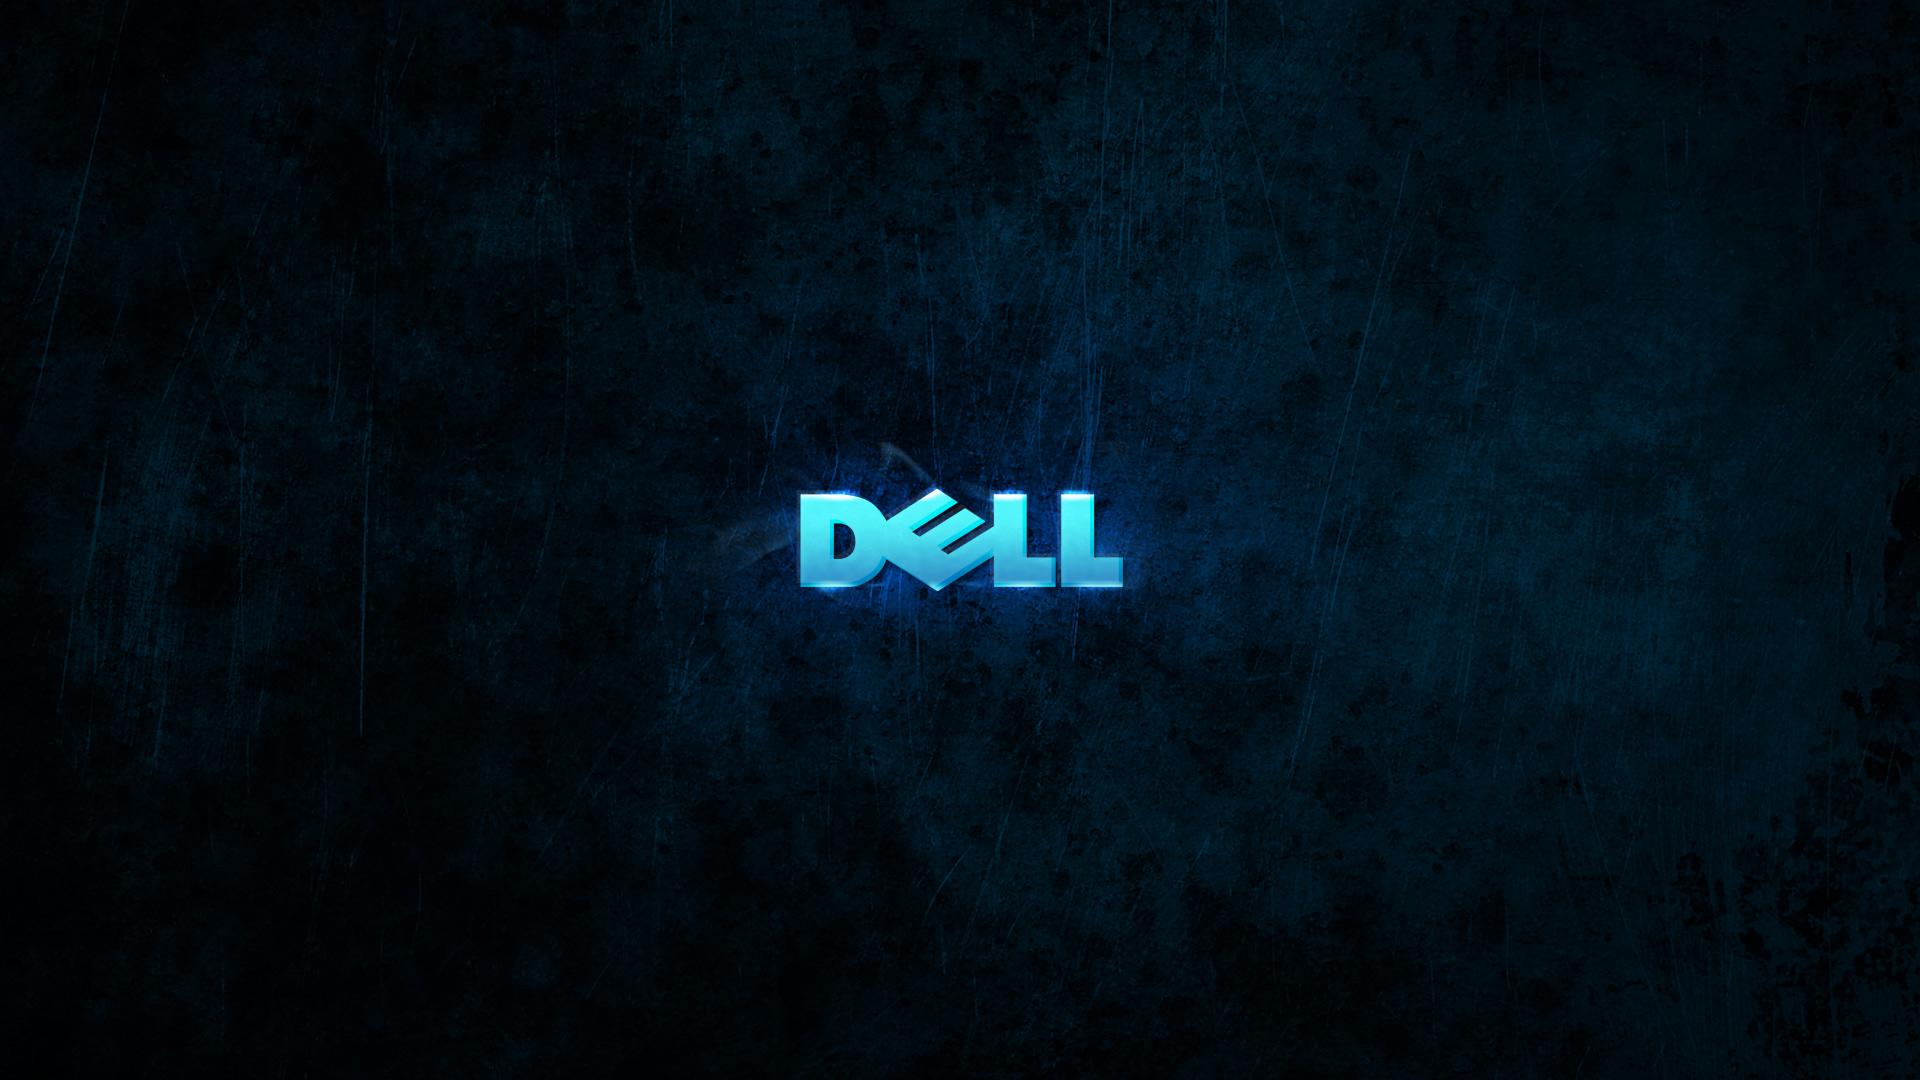 dell desktop wallpaper25944